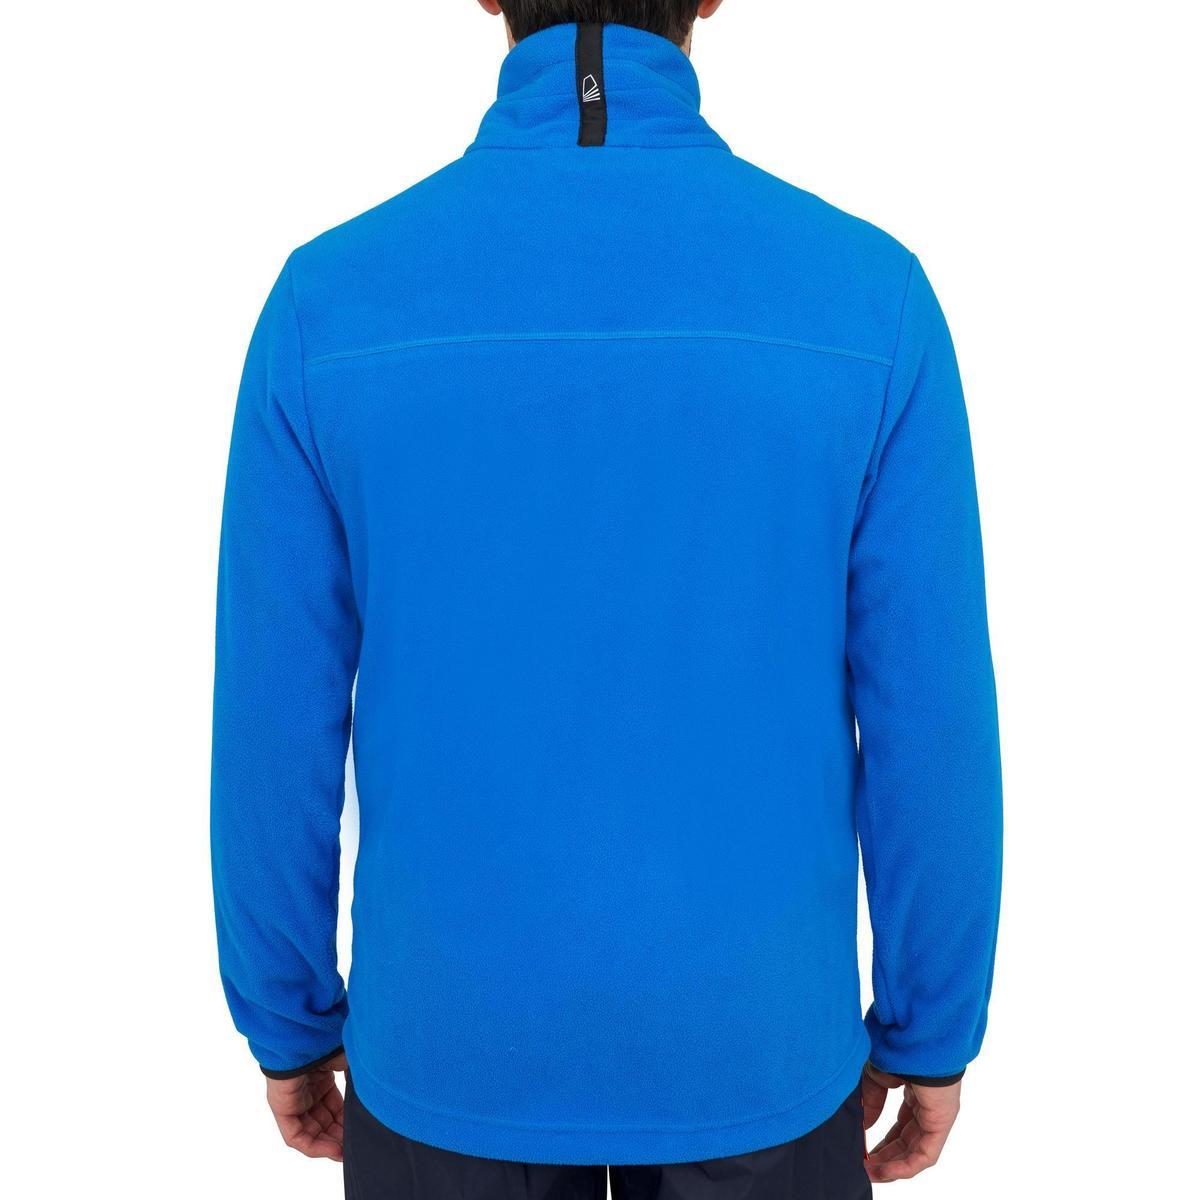 Bild 3 von Softshelljacke Segeln Regatta Race Herren leuchtendblau